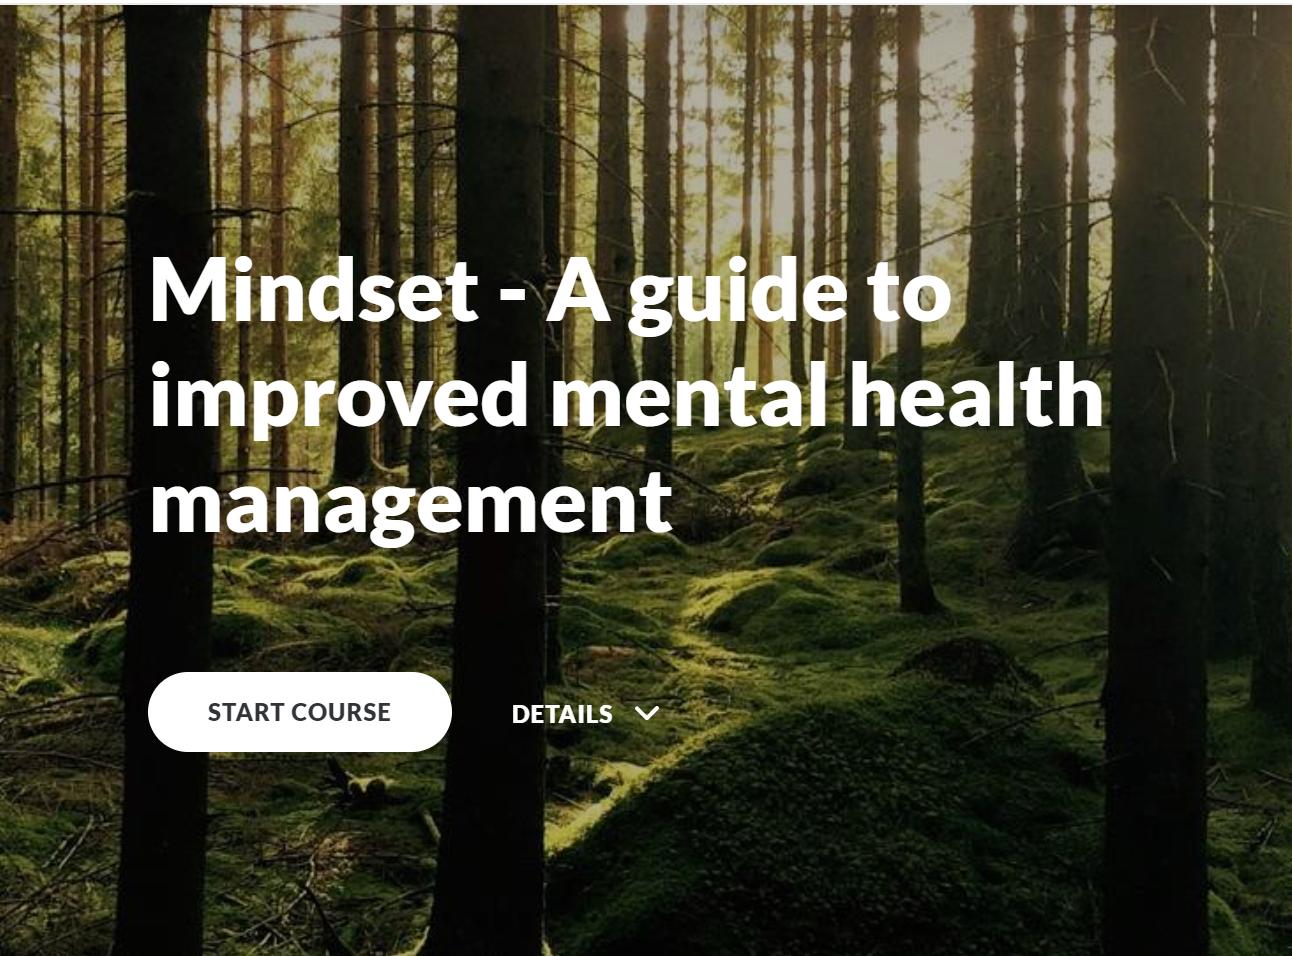 Mindset: A guide to improved mental health management